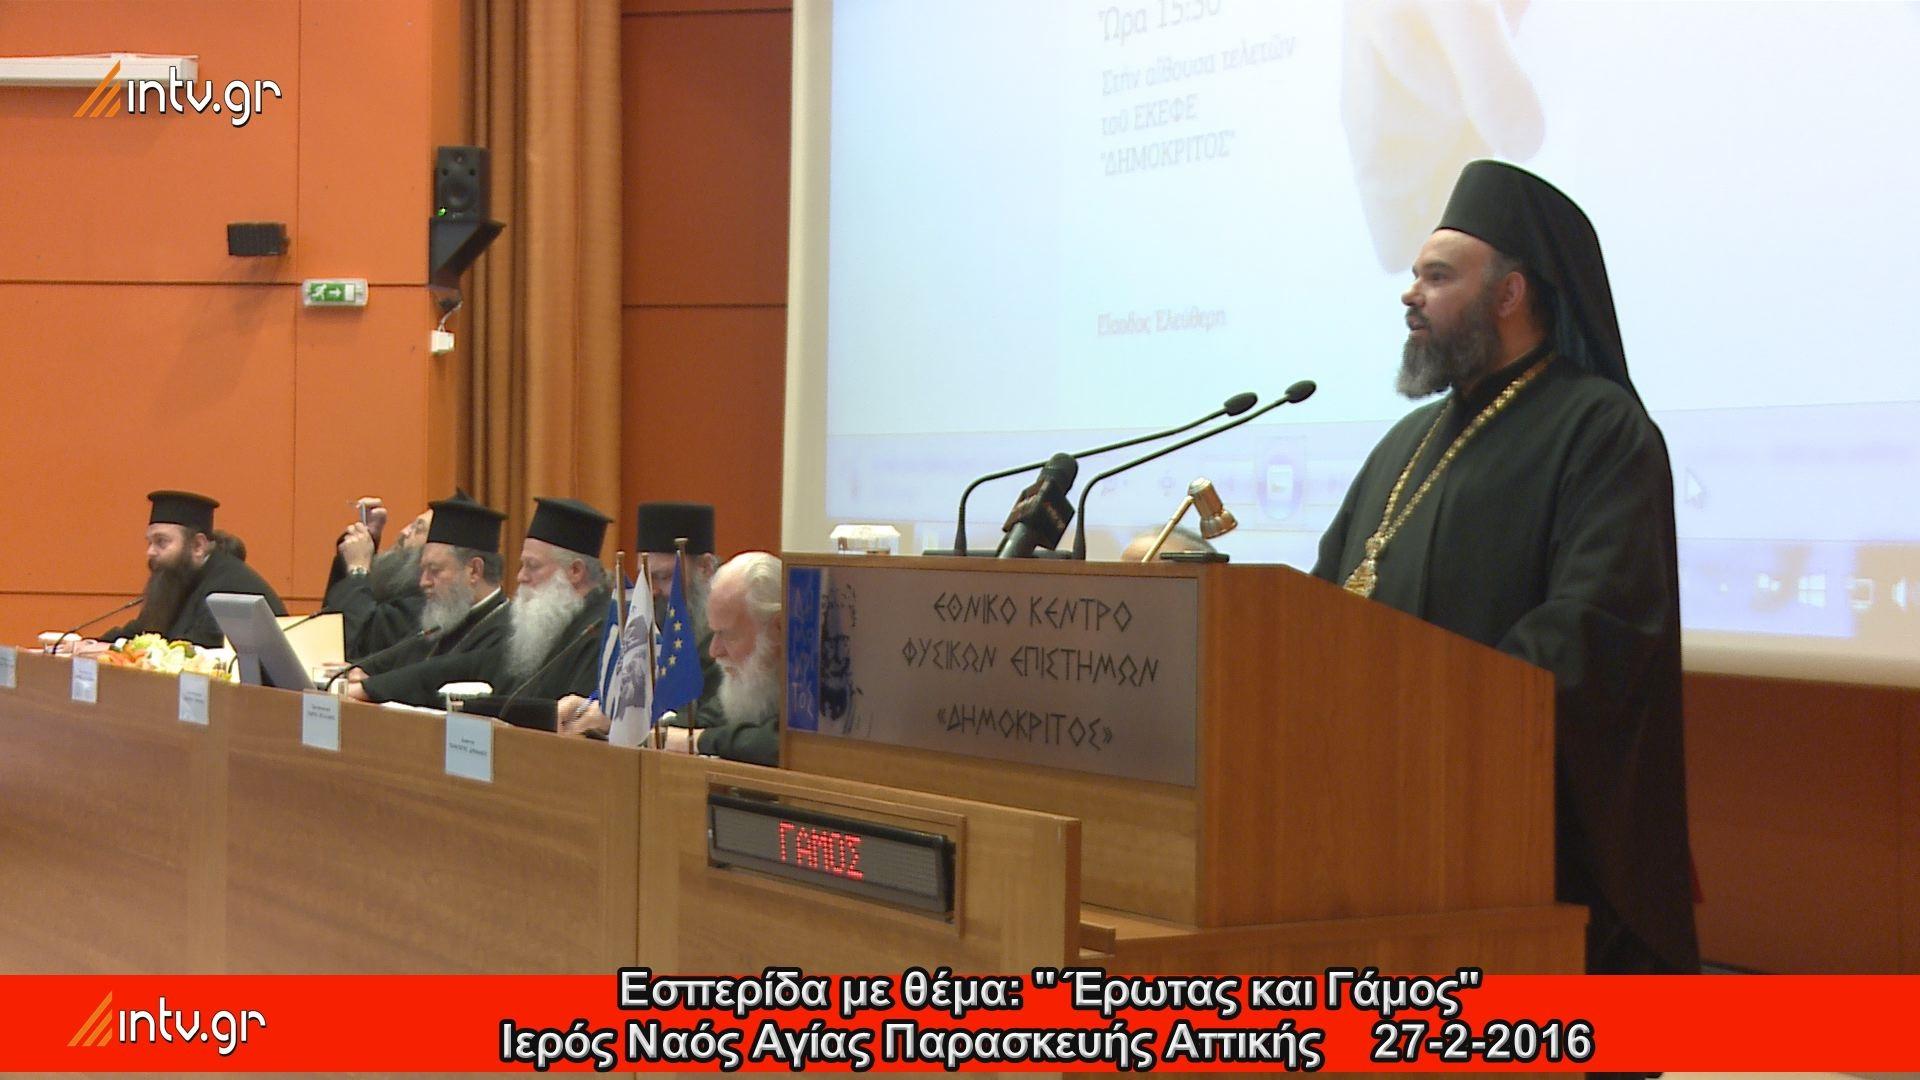 """Εσπερίδα με θέμα: """"Έρωτας και Γάμος"""" - Ιερός Ναός Αγίας Παρασκευής Αττικής"""